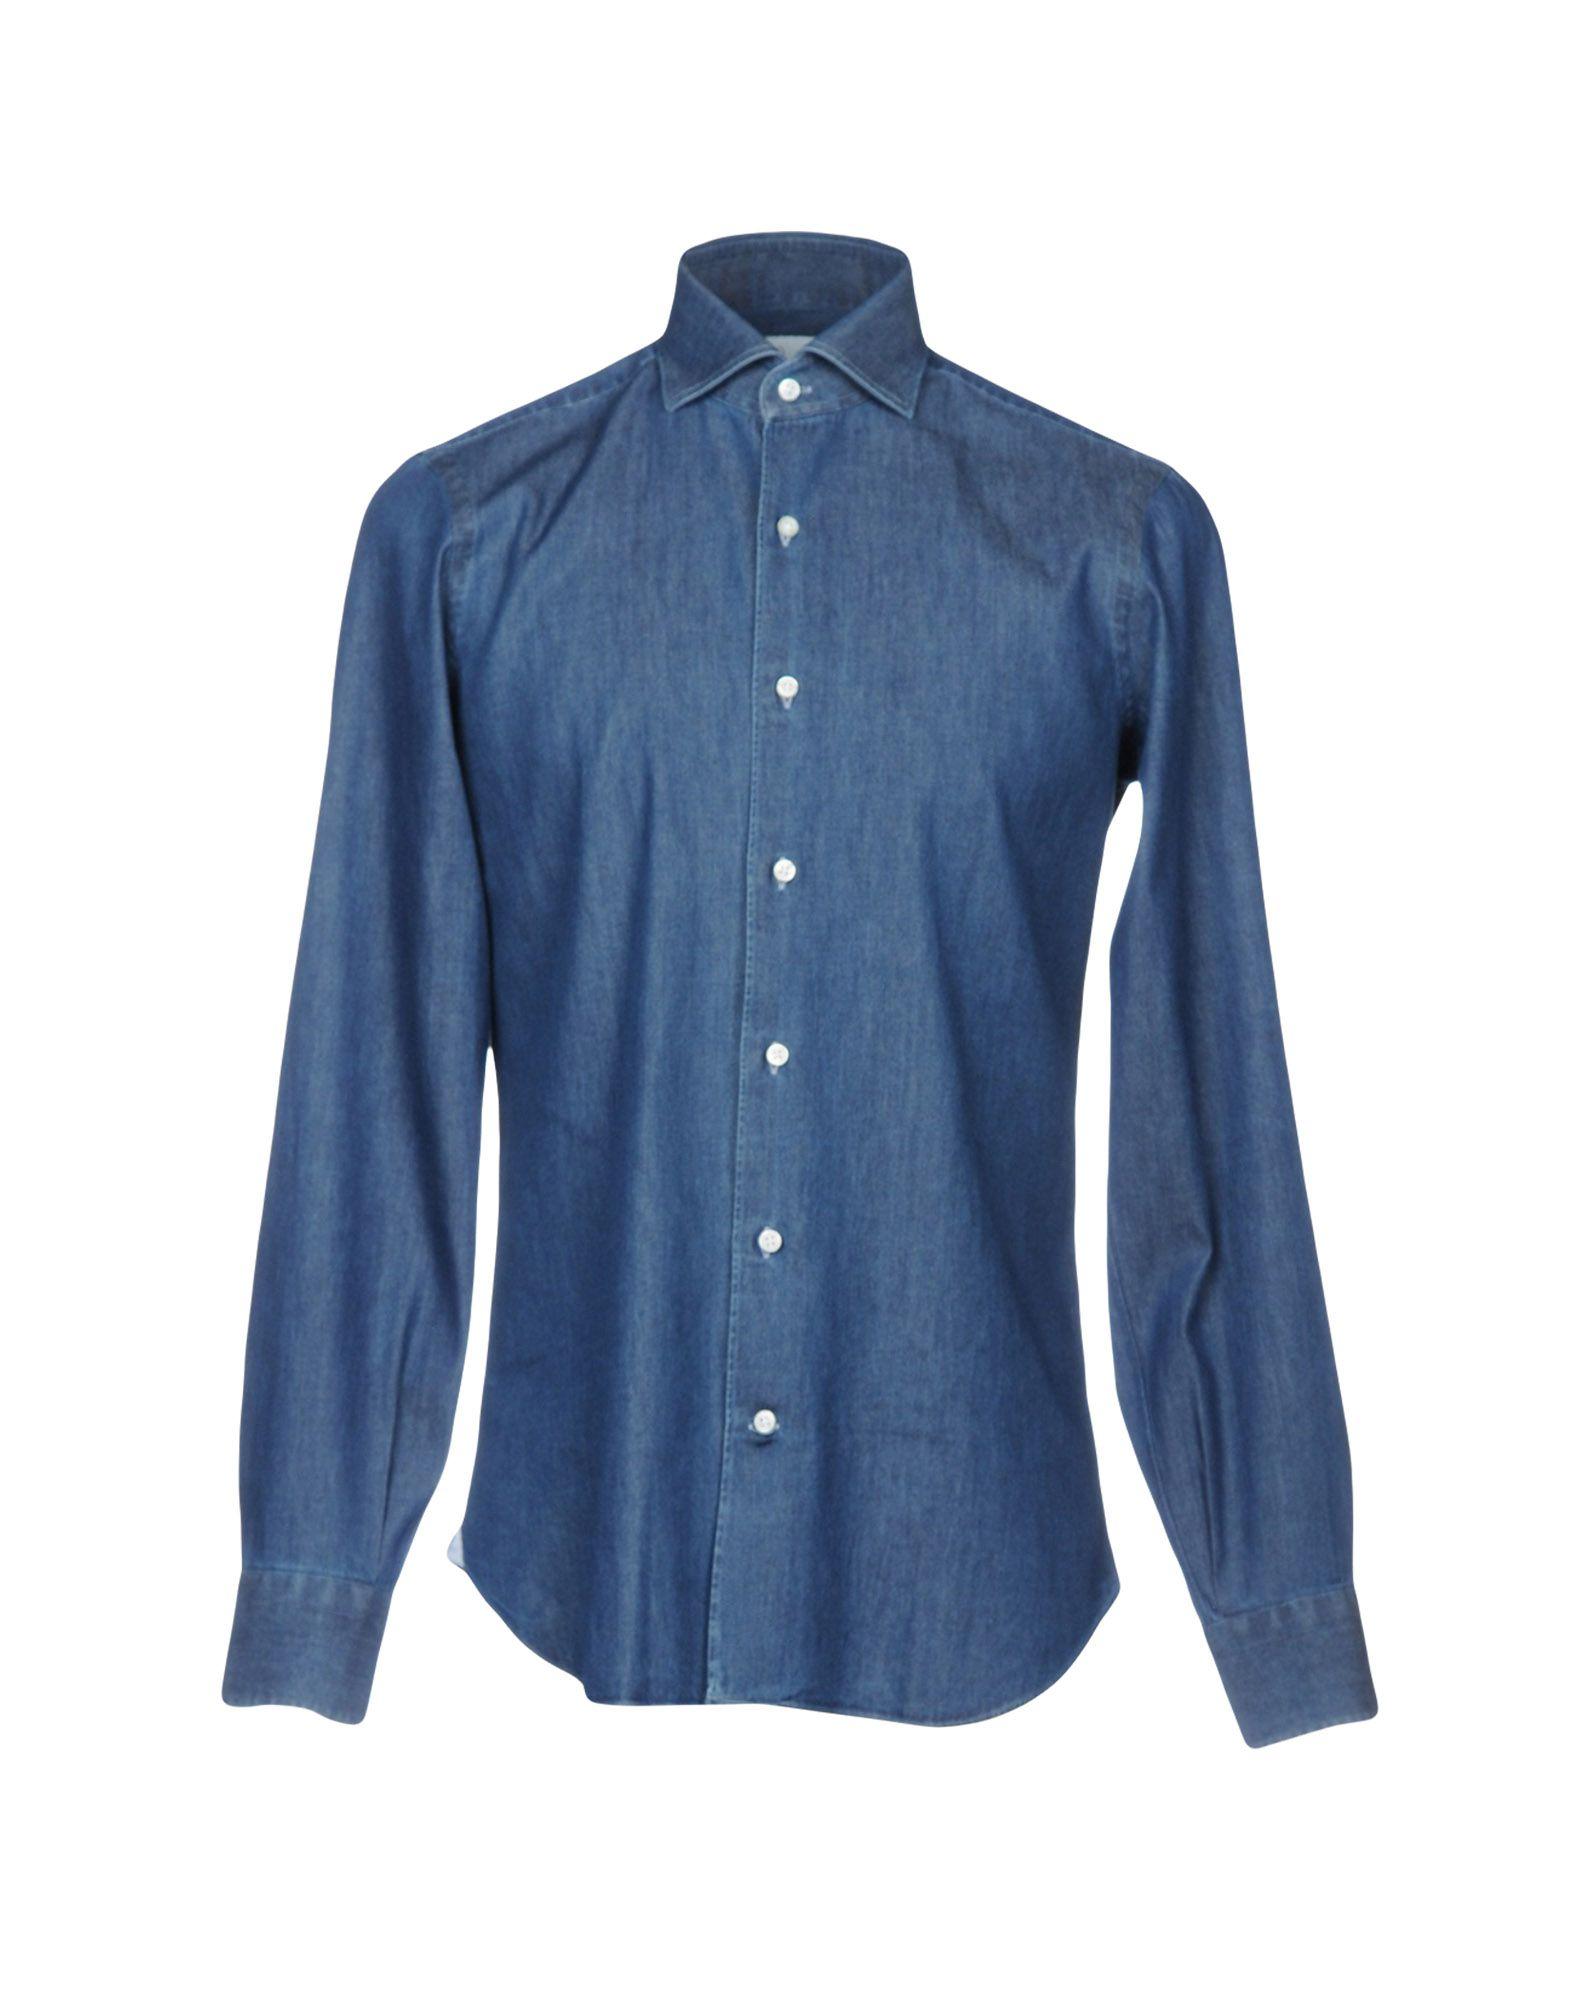 MARIA SANTANGELO Napoli Джинсовая рубашка